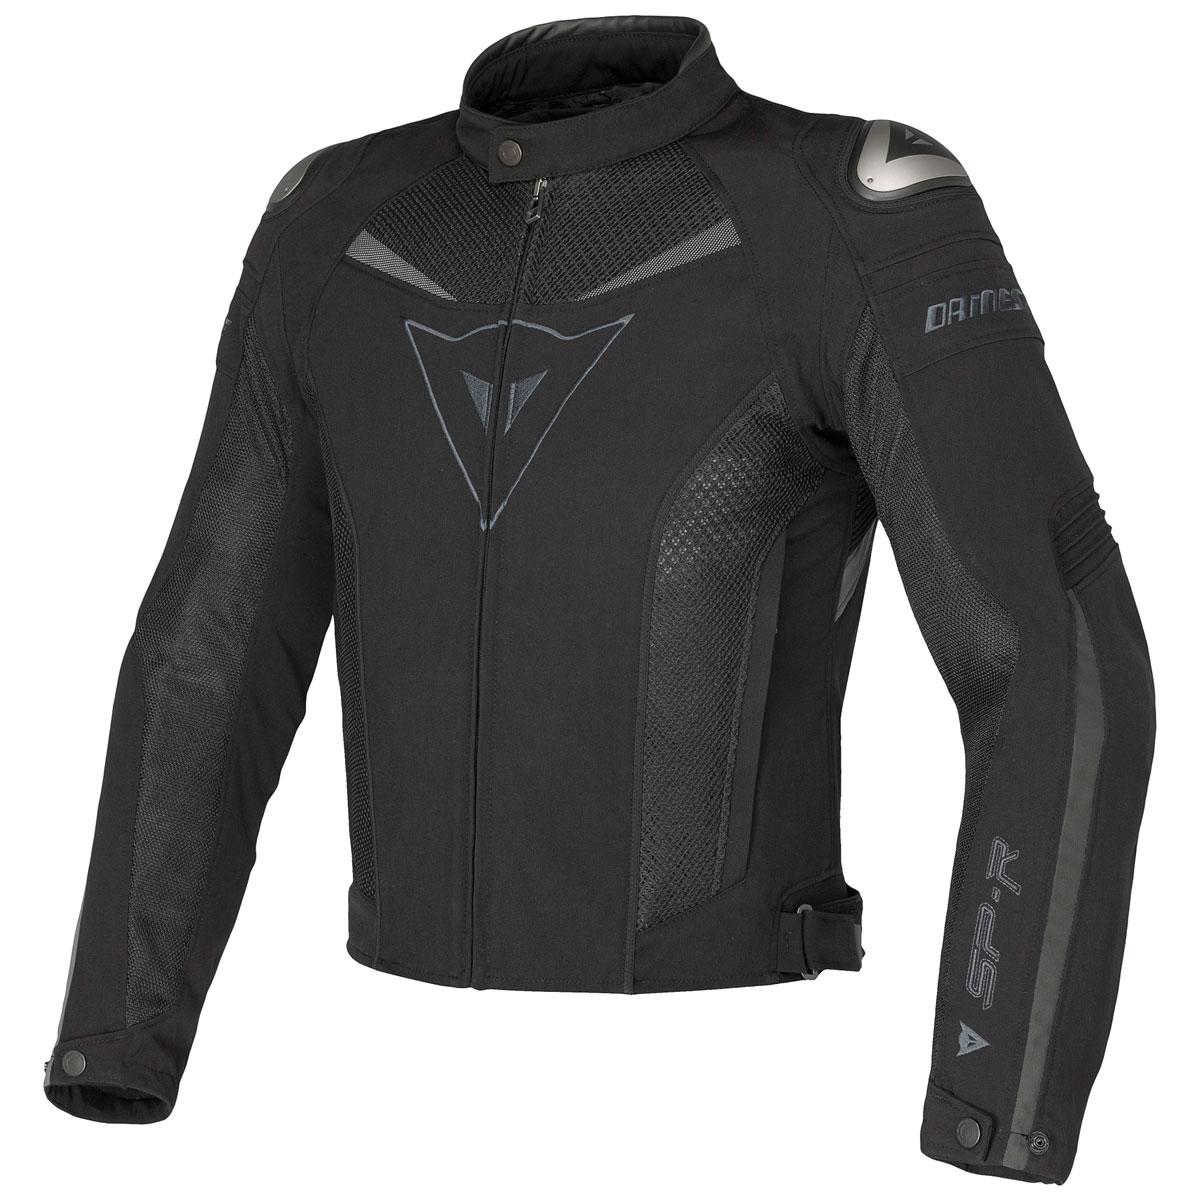 Dainese Men's Super Speed Black/Dark Gray Textile Jacket